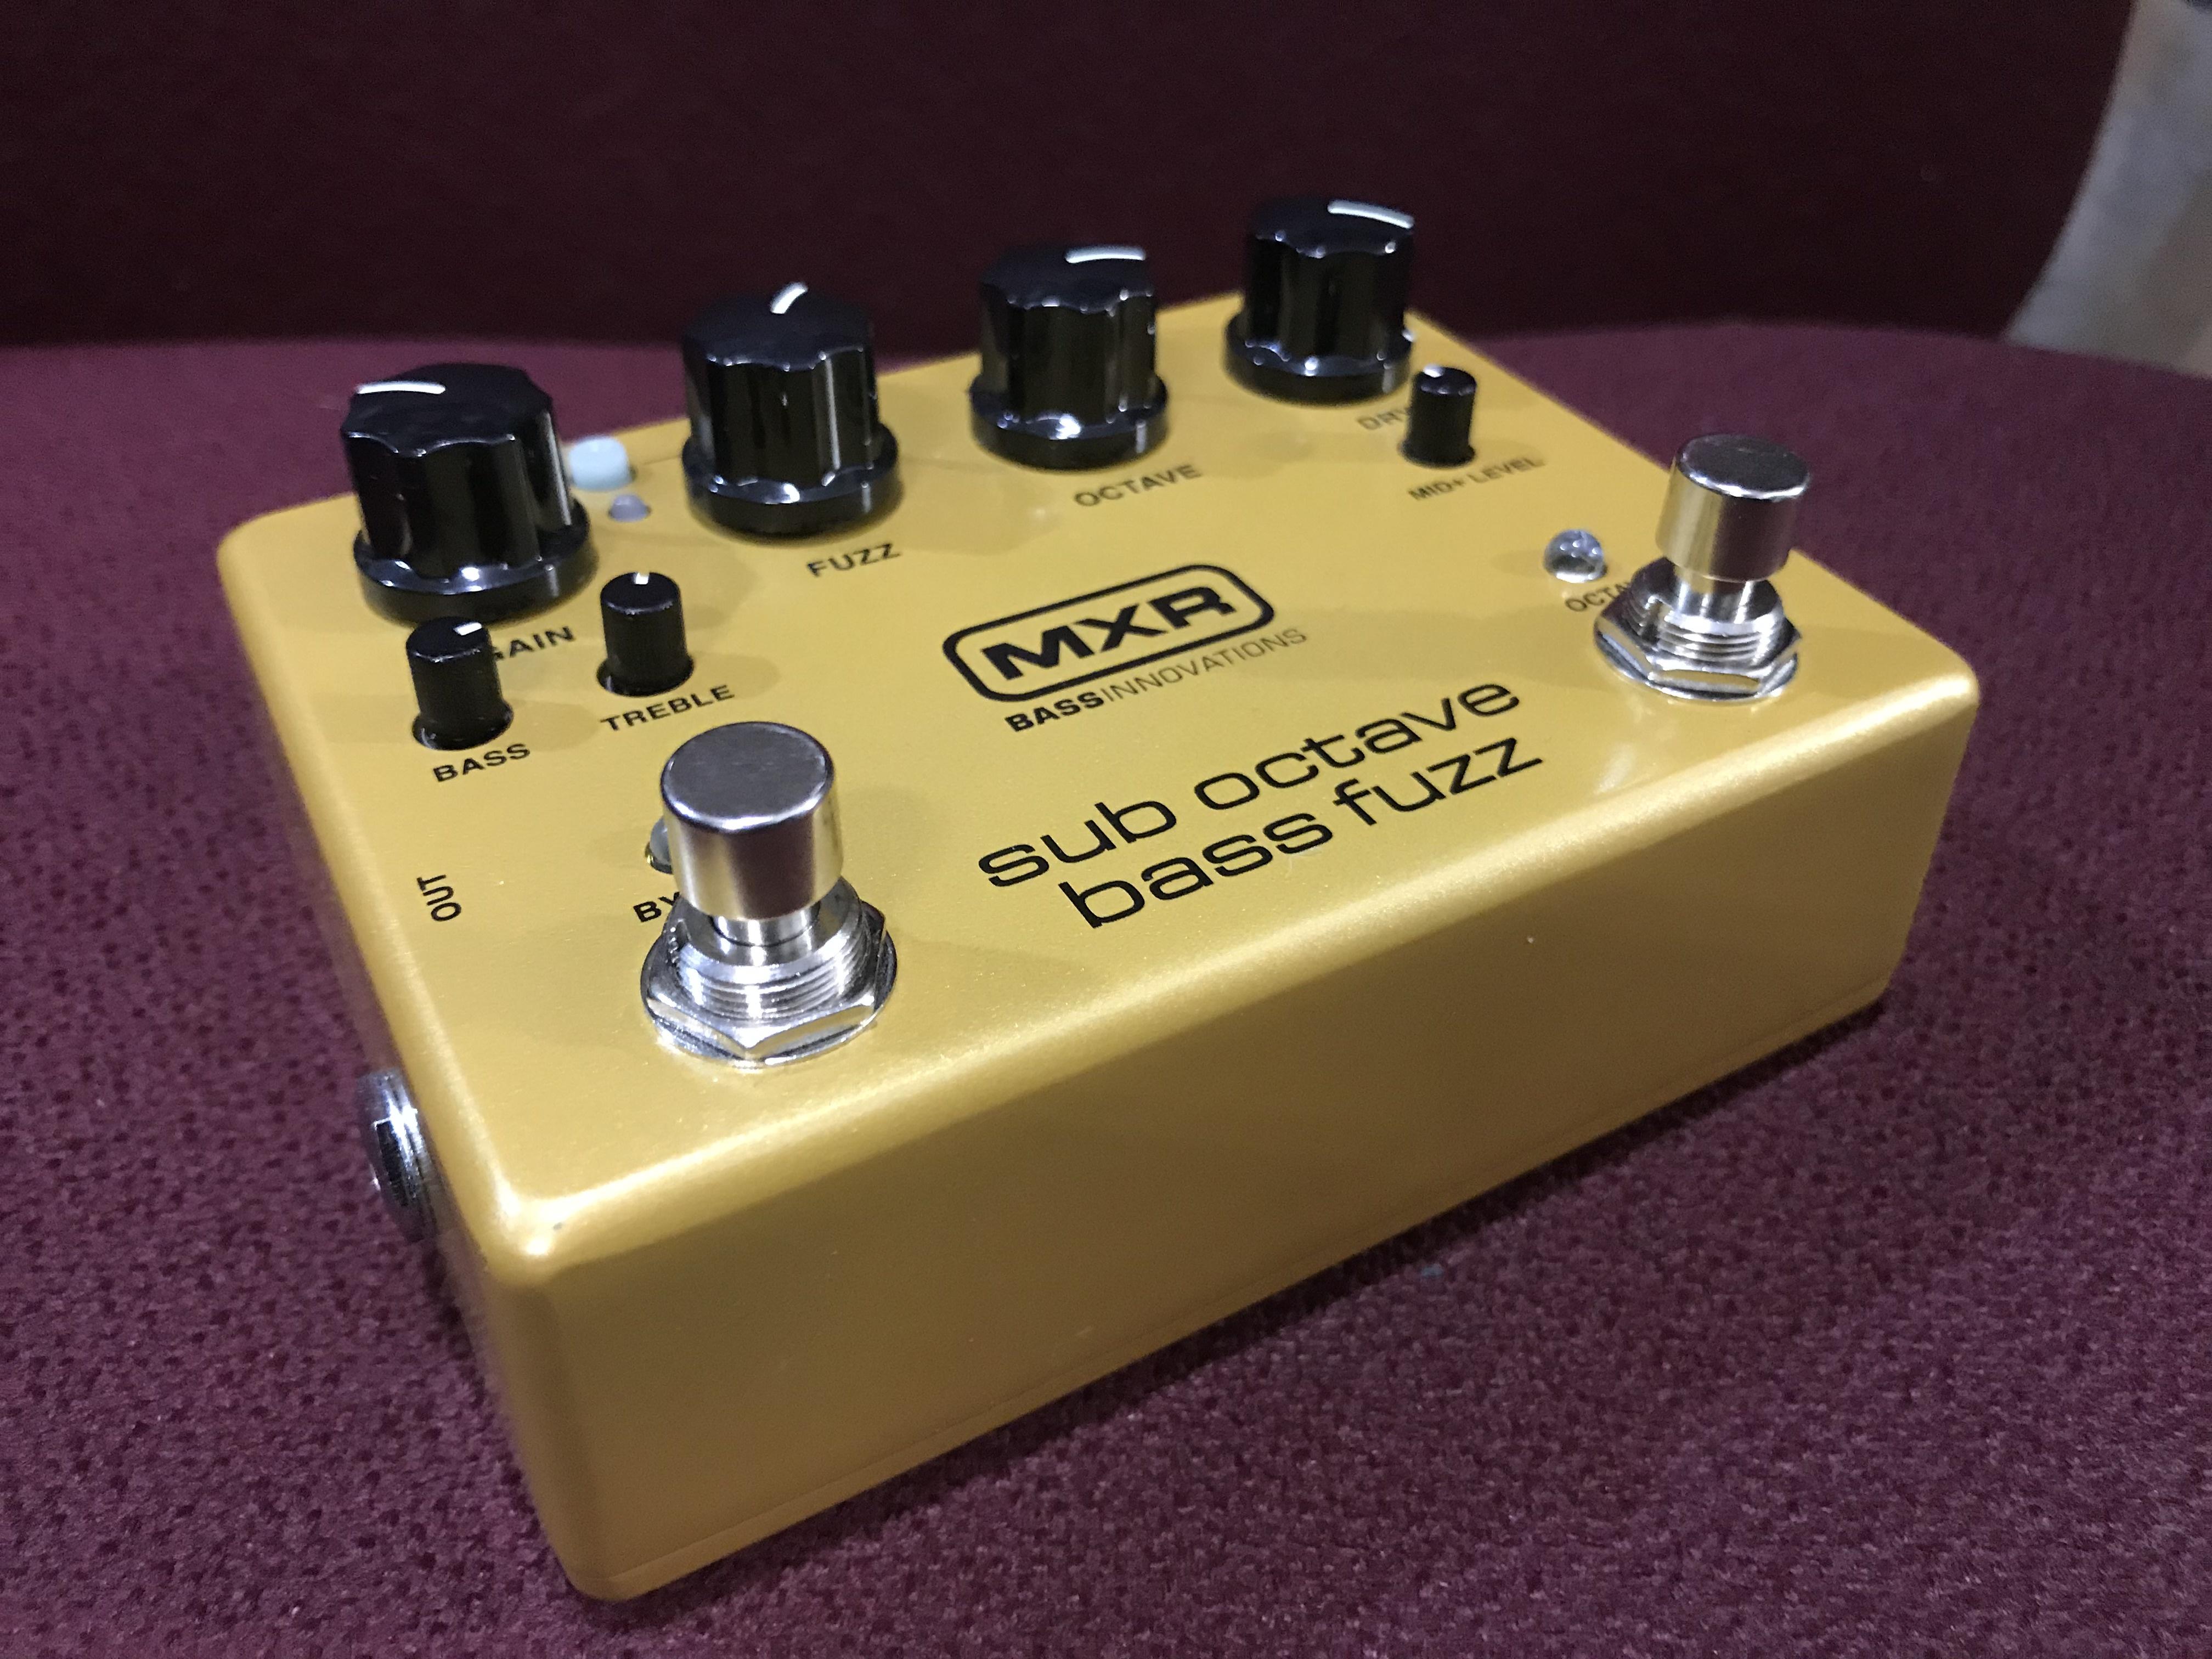 MXR SUB OCTAVE BASS FUZZ Bass Innovations Fuzz Effect Pedal